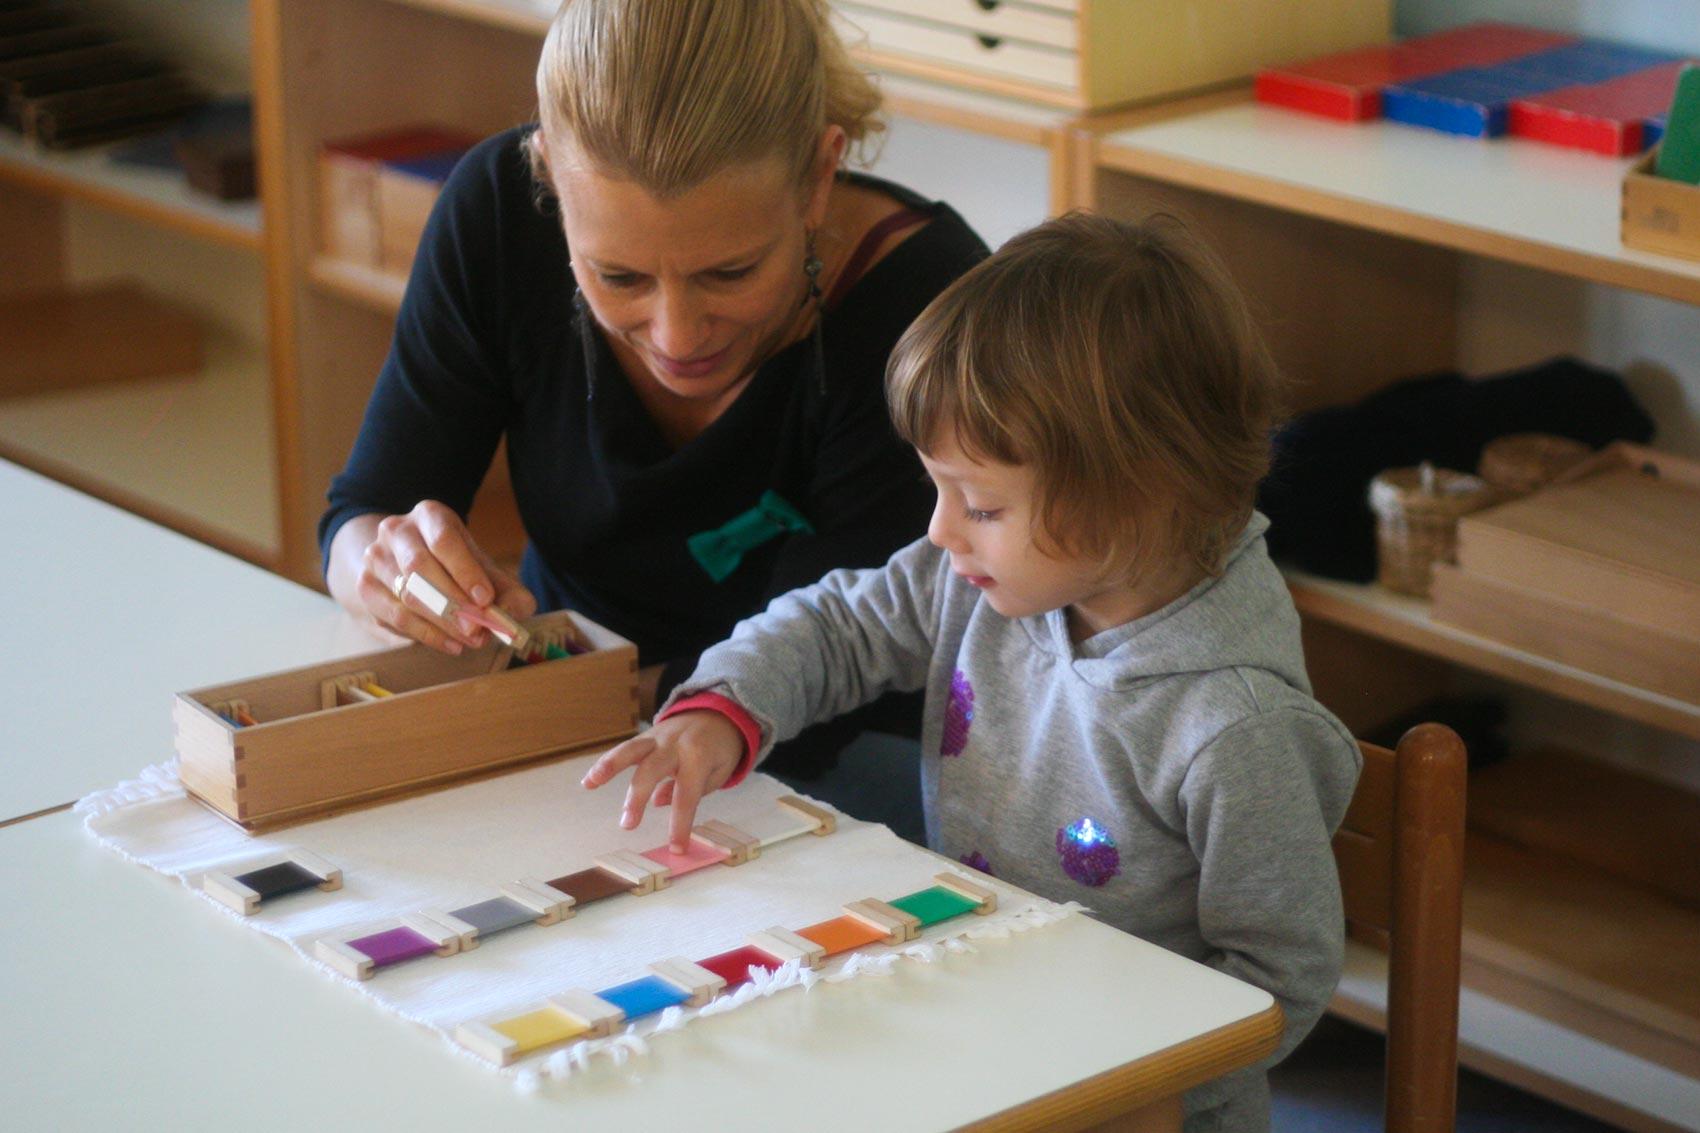 a true montessori classroom